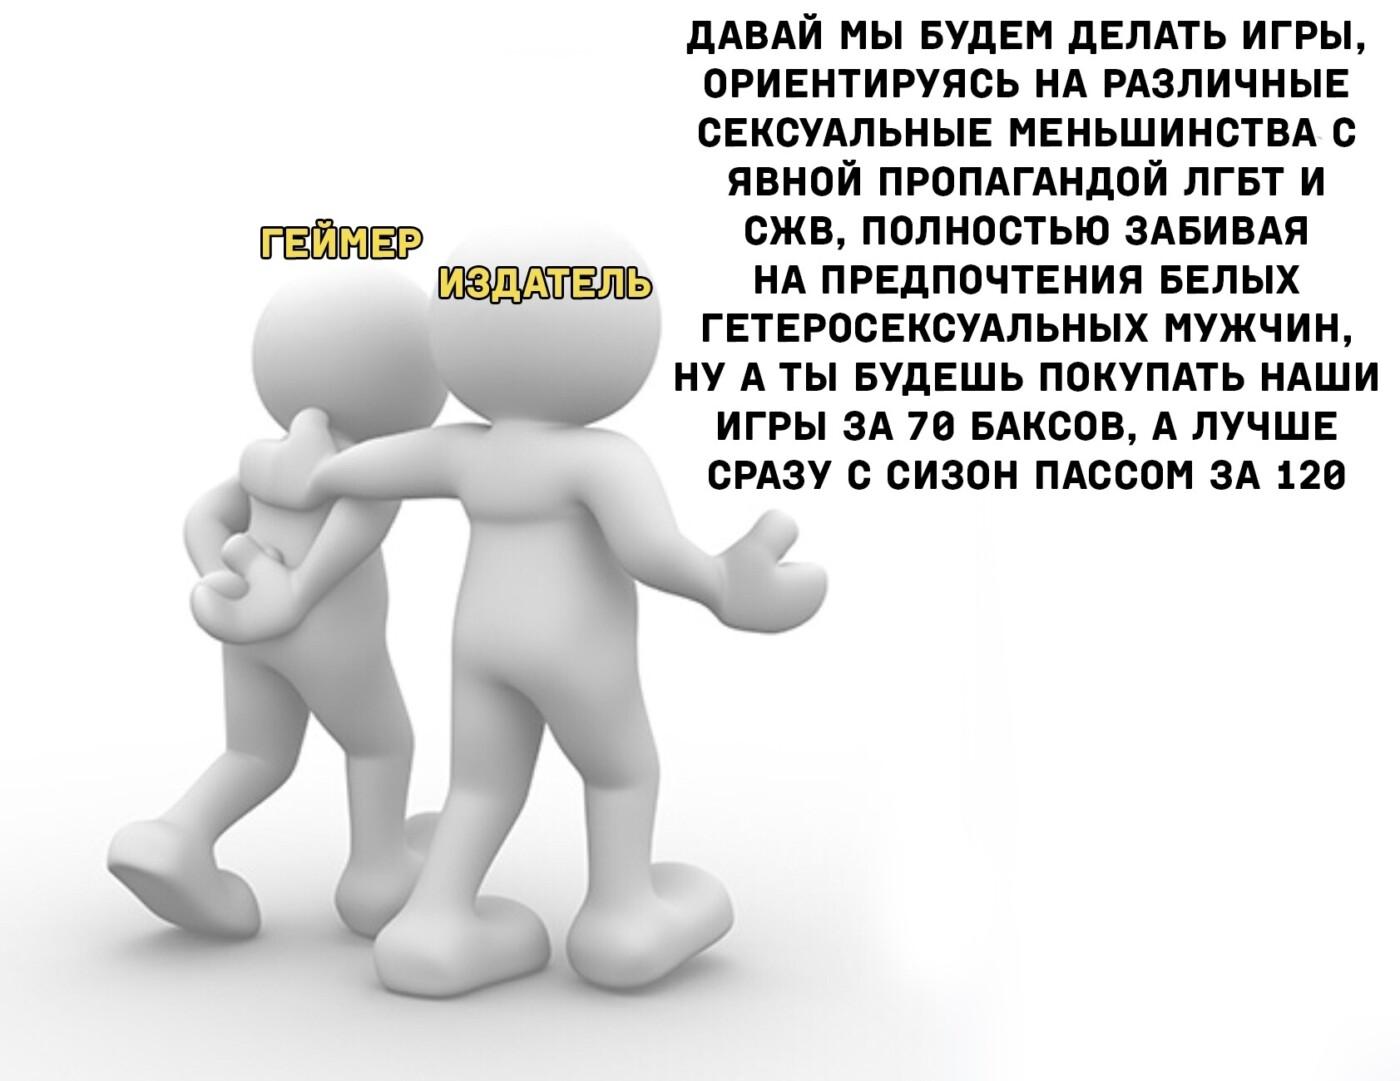 news_5f1abf900f857.jfif